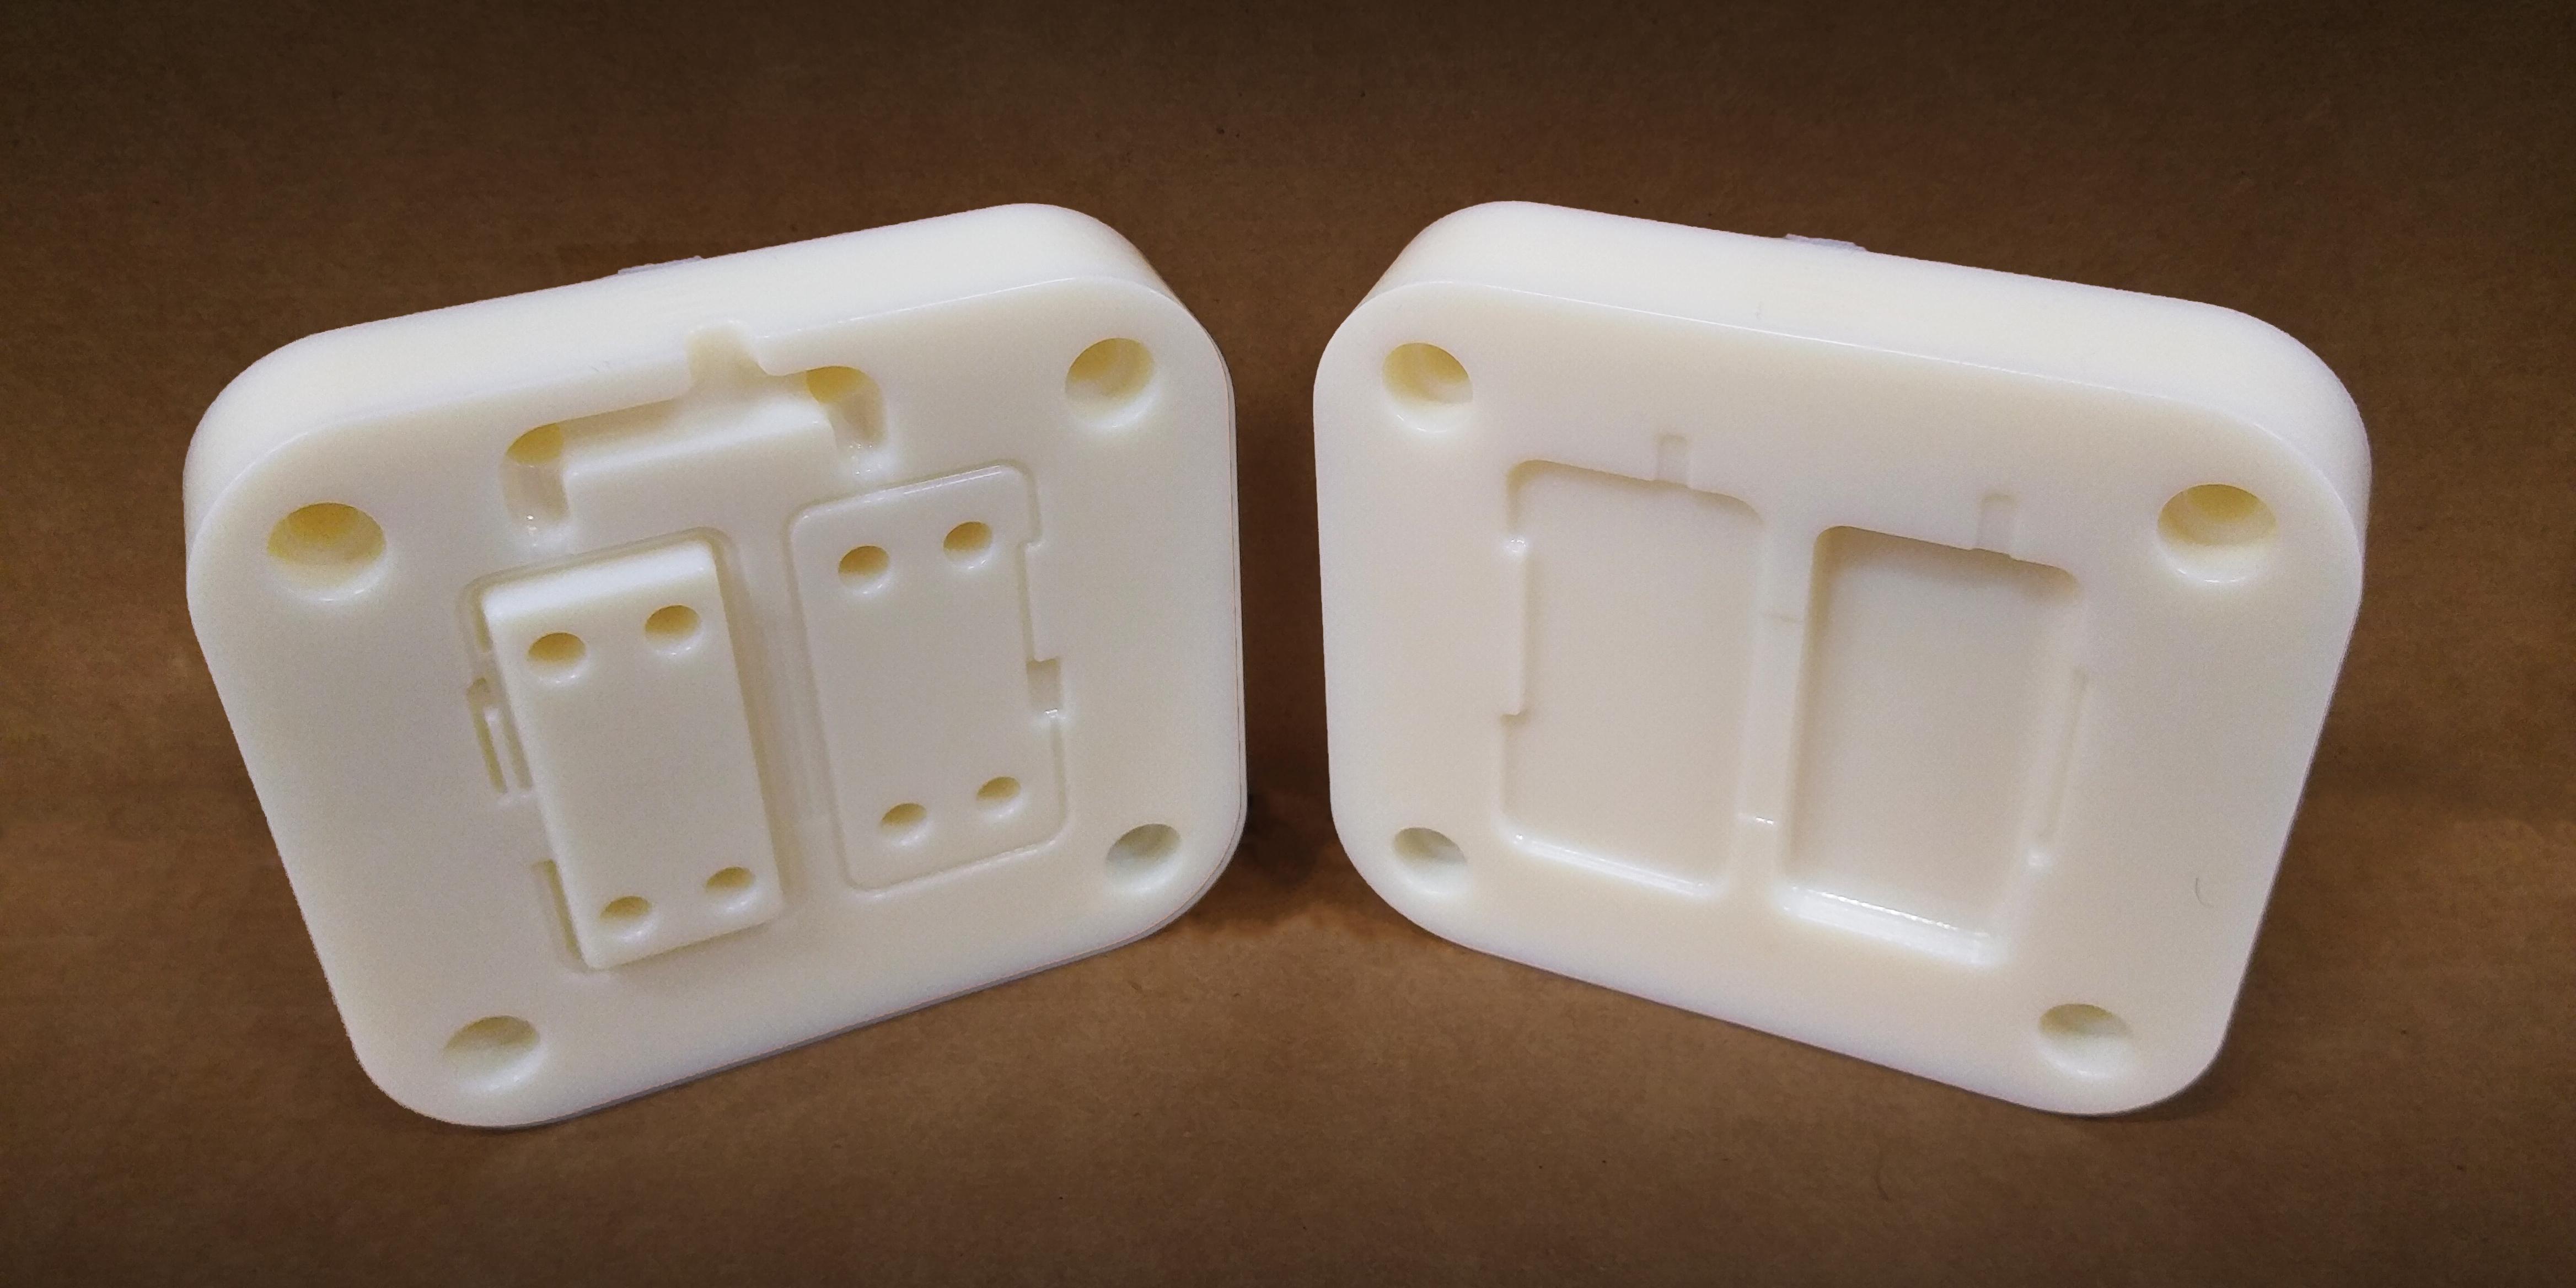 Stampa 3D dei tasselli per stampaggio a iniezione con Rigur Stratasys